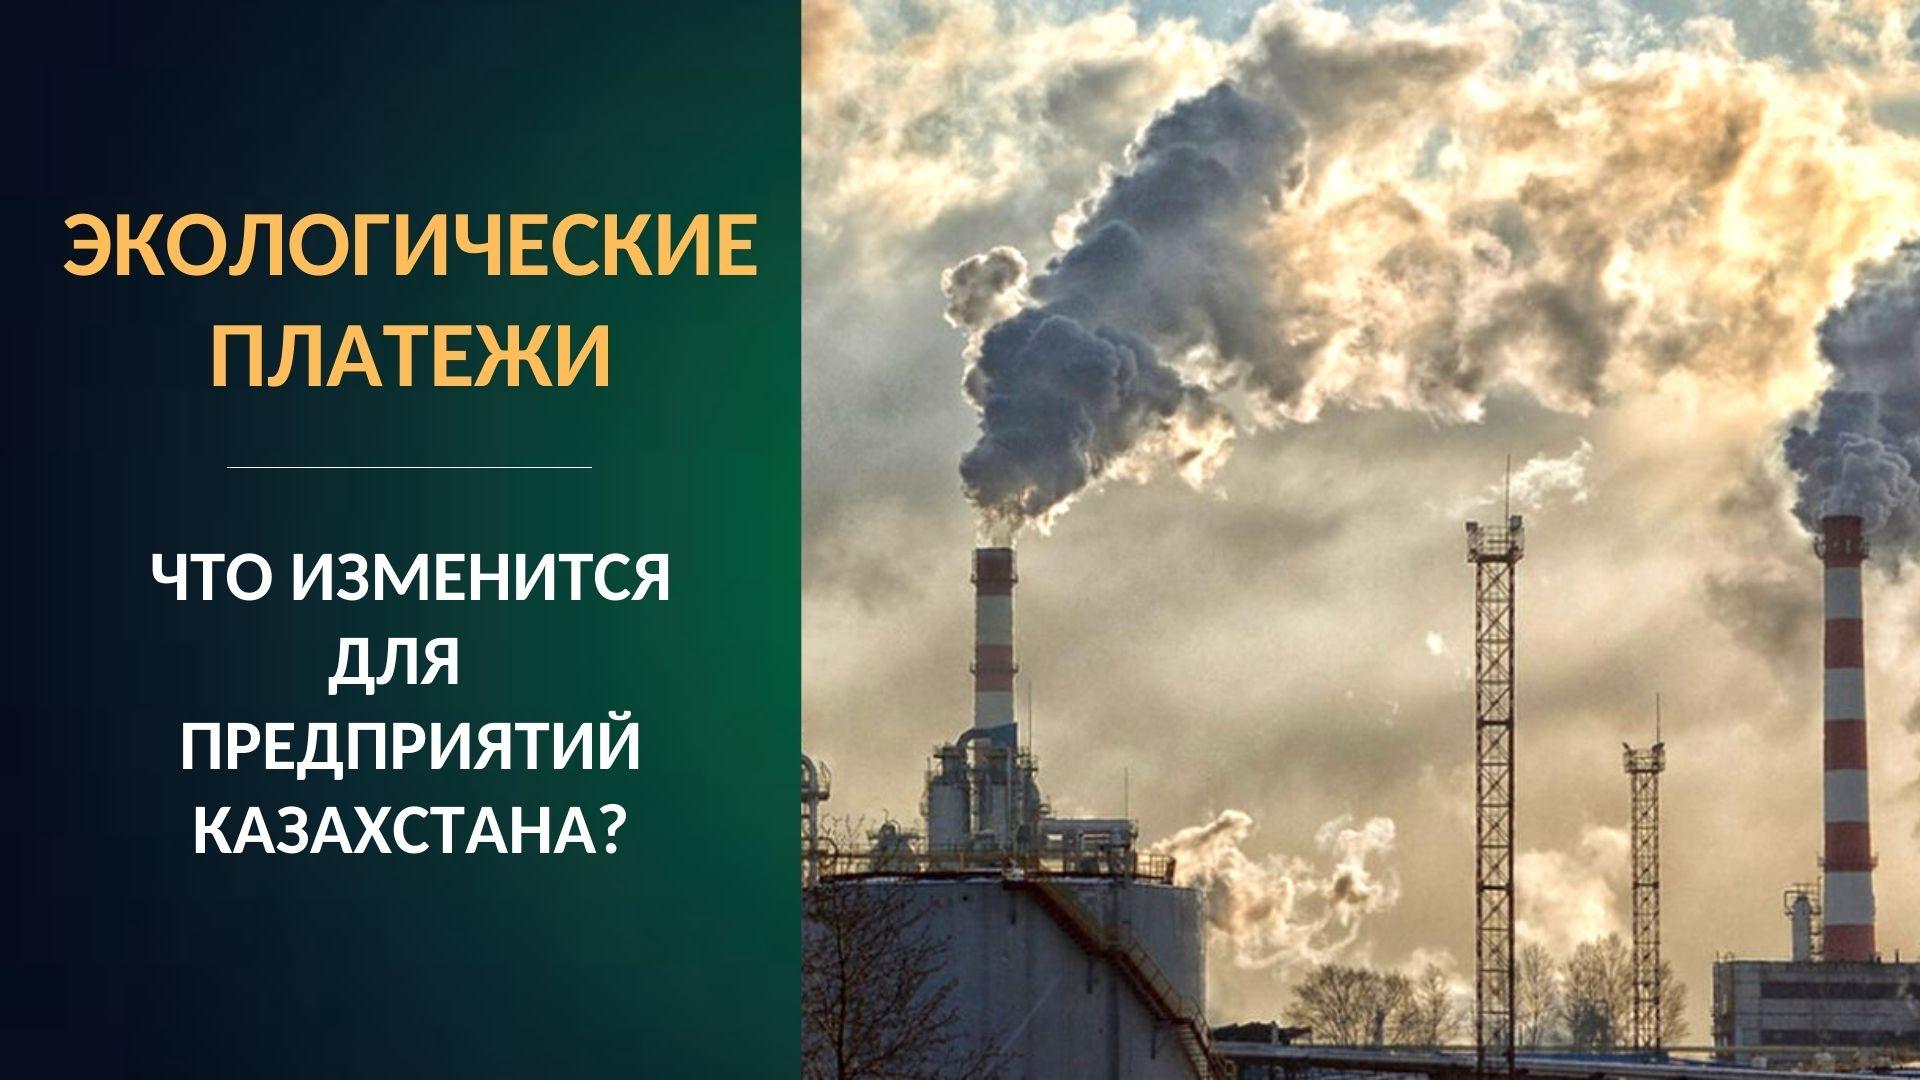 Экологические платежи. Что изменится для предприятий казахстана?